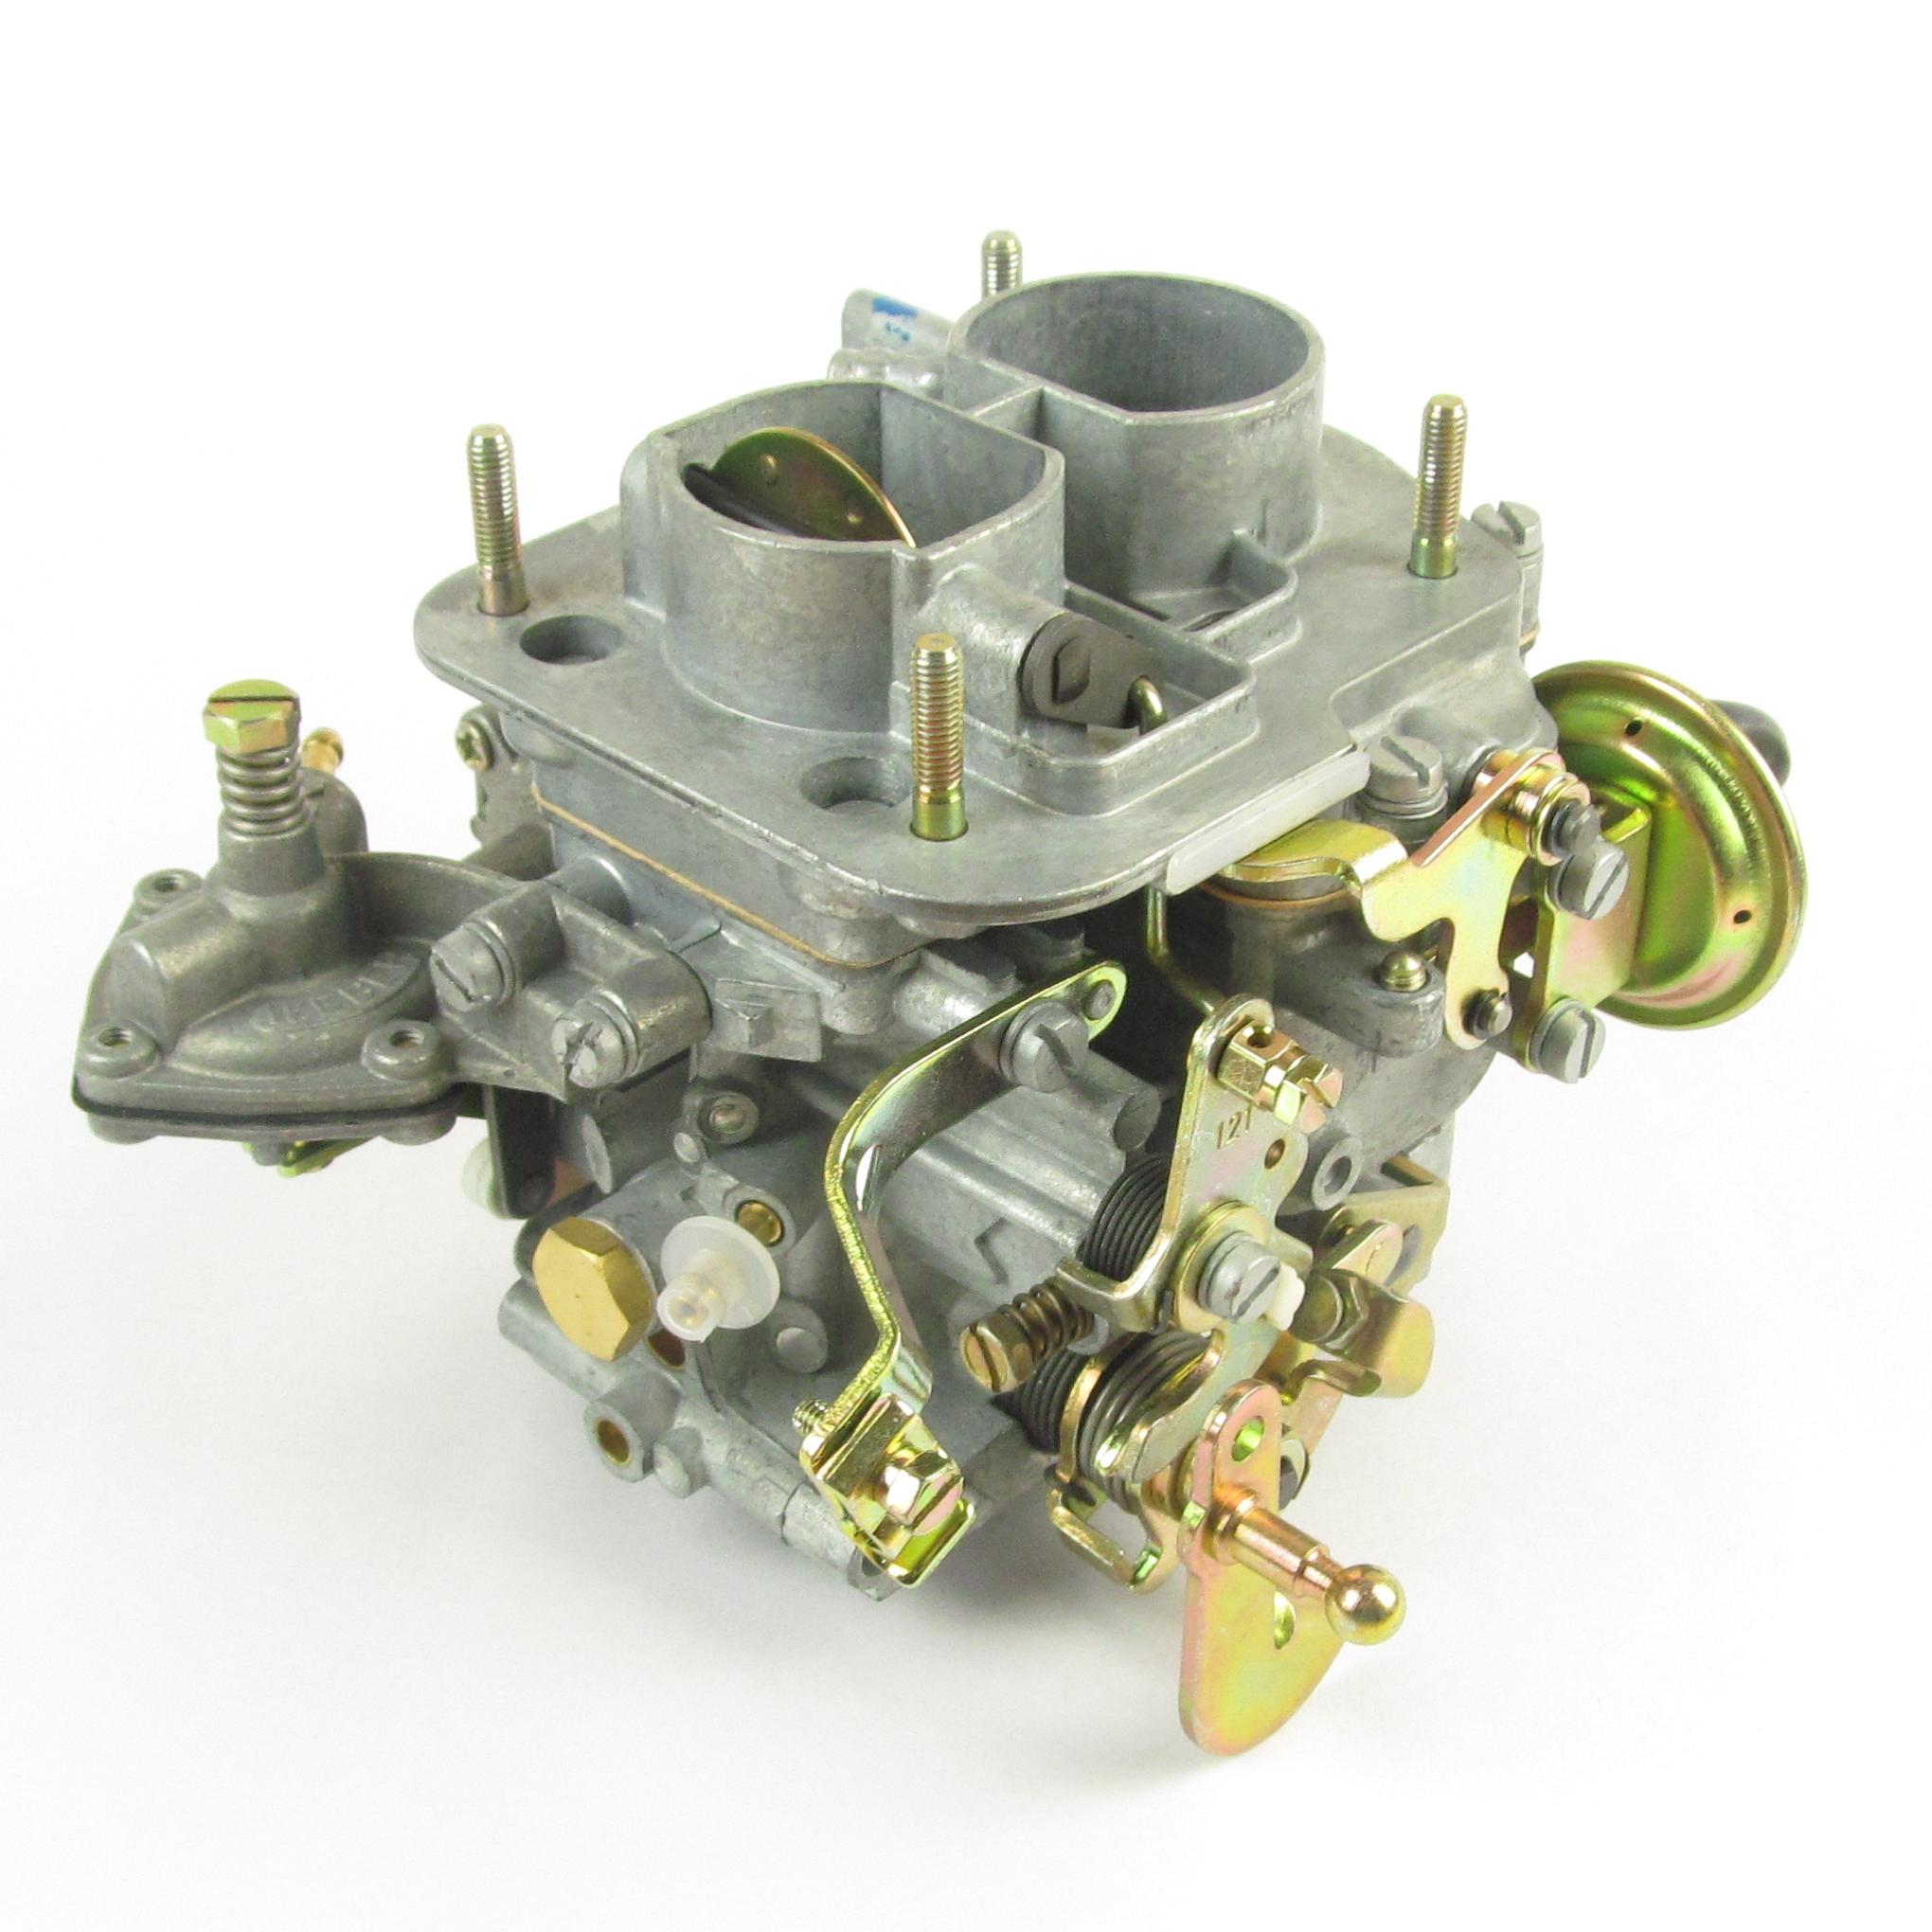 WEBER 30/32 DMTR CARBURETTOR/CARB CLASSIC FIAT 1000 ABARTH ETC..